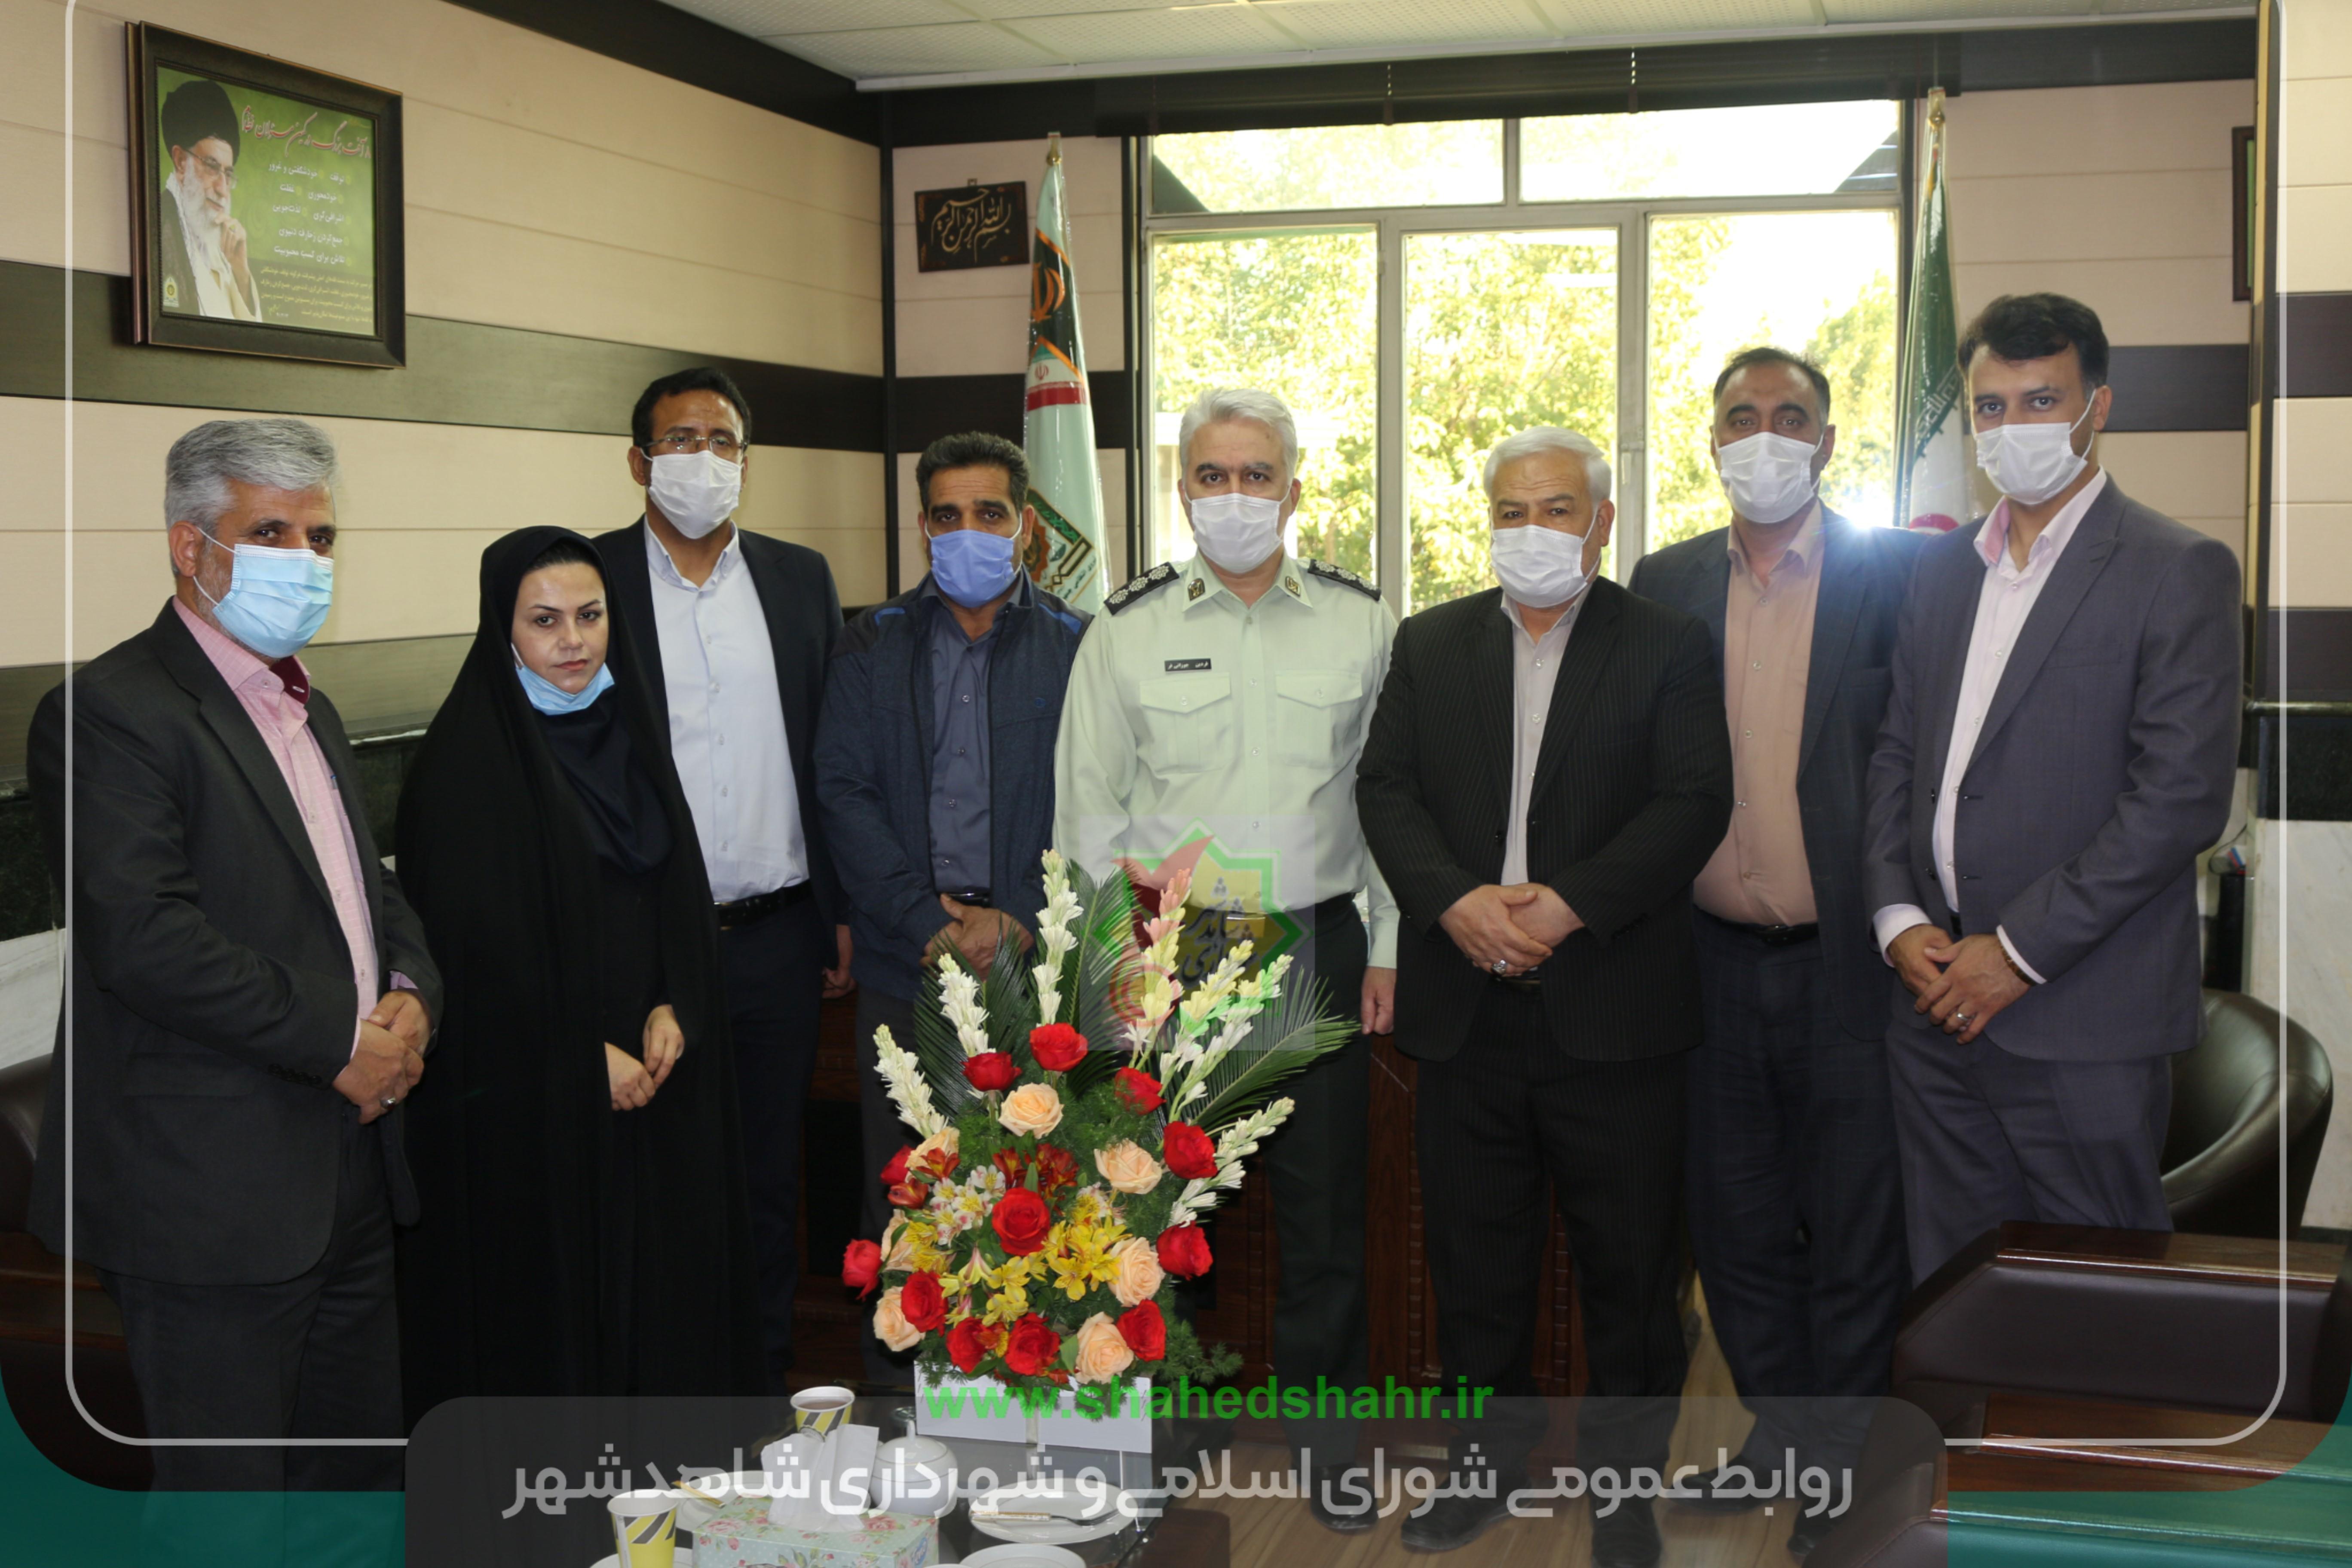 دیداری صمیمی با فرماندهان نیروی انتظامی شهرستان شهریار به مناسبت پاسداشت هفته نیروی انتظامی